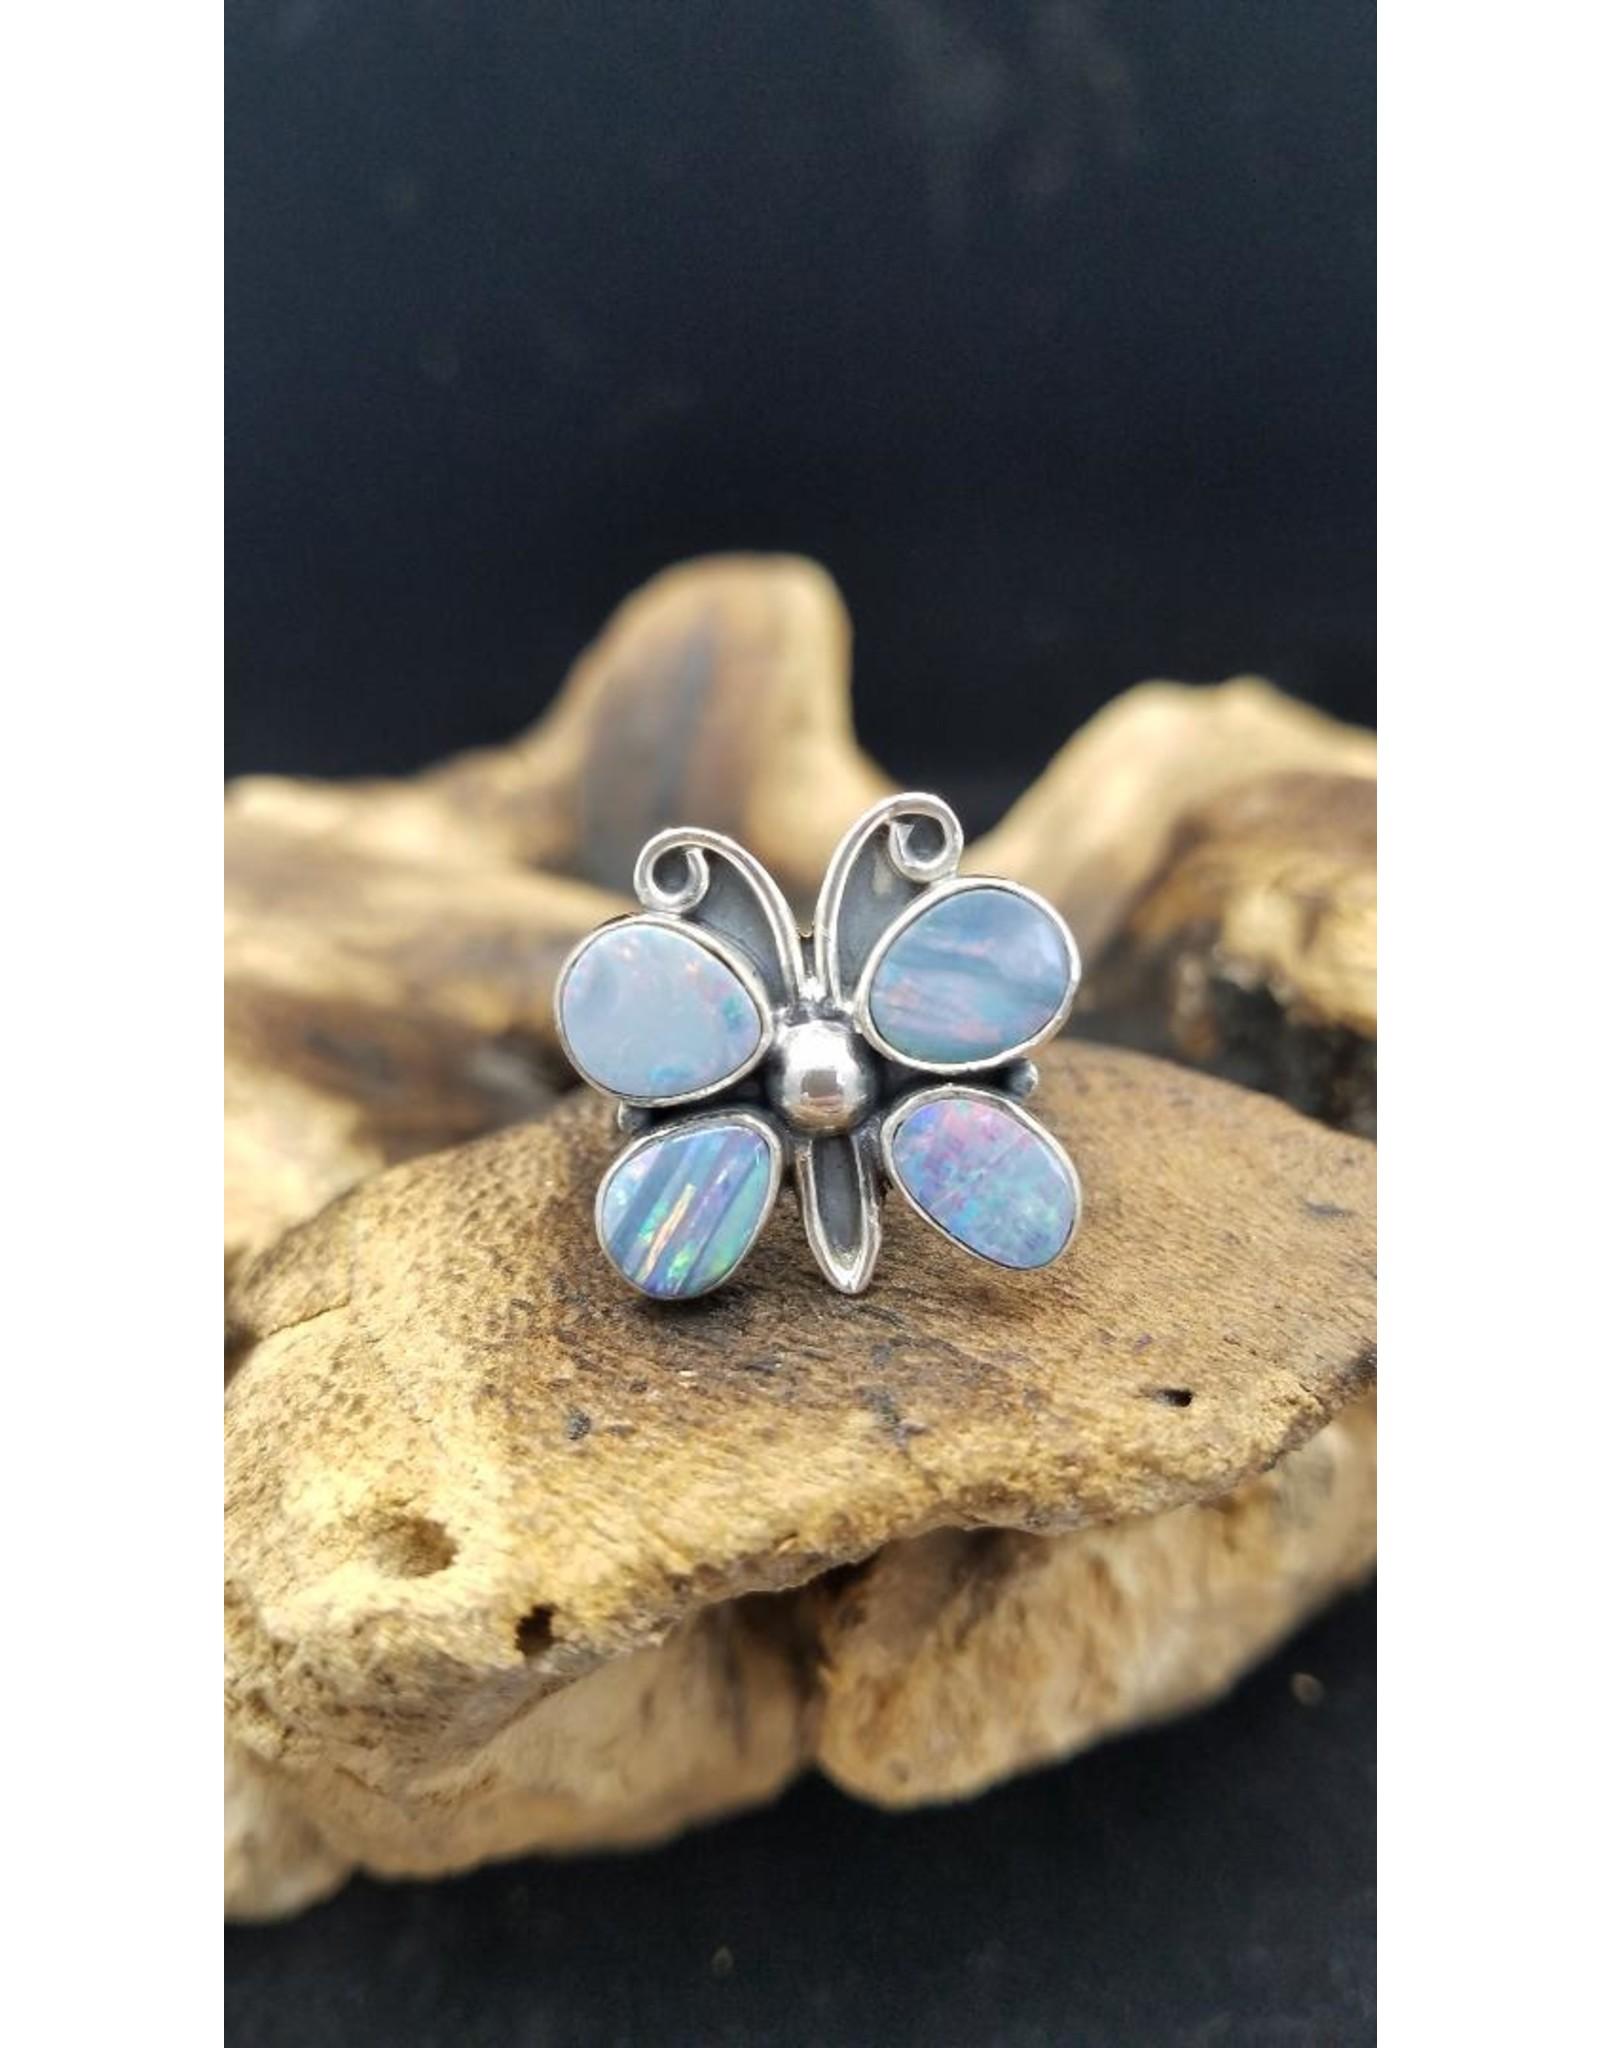 Australian Opal Butterfly Ring 1 - Adjustable